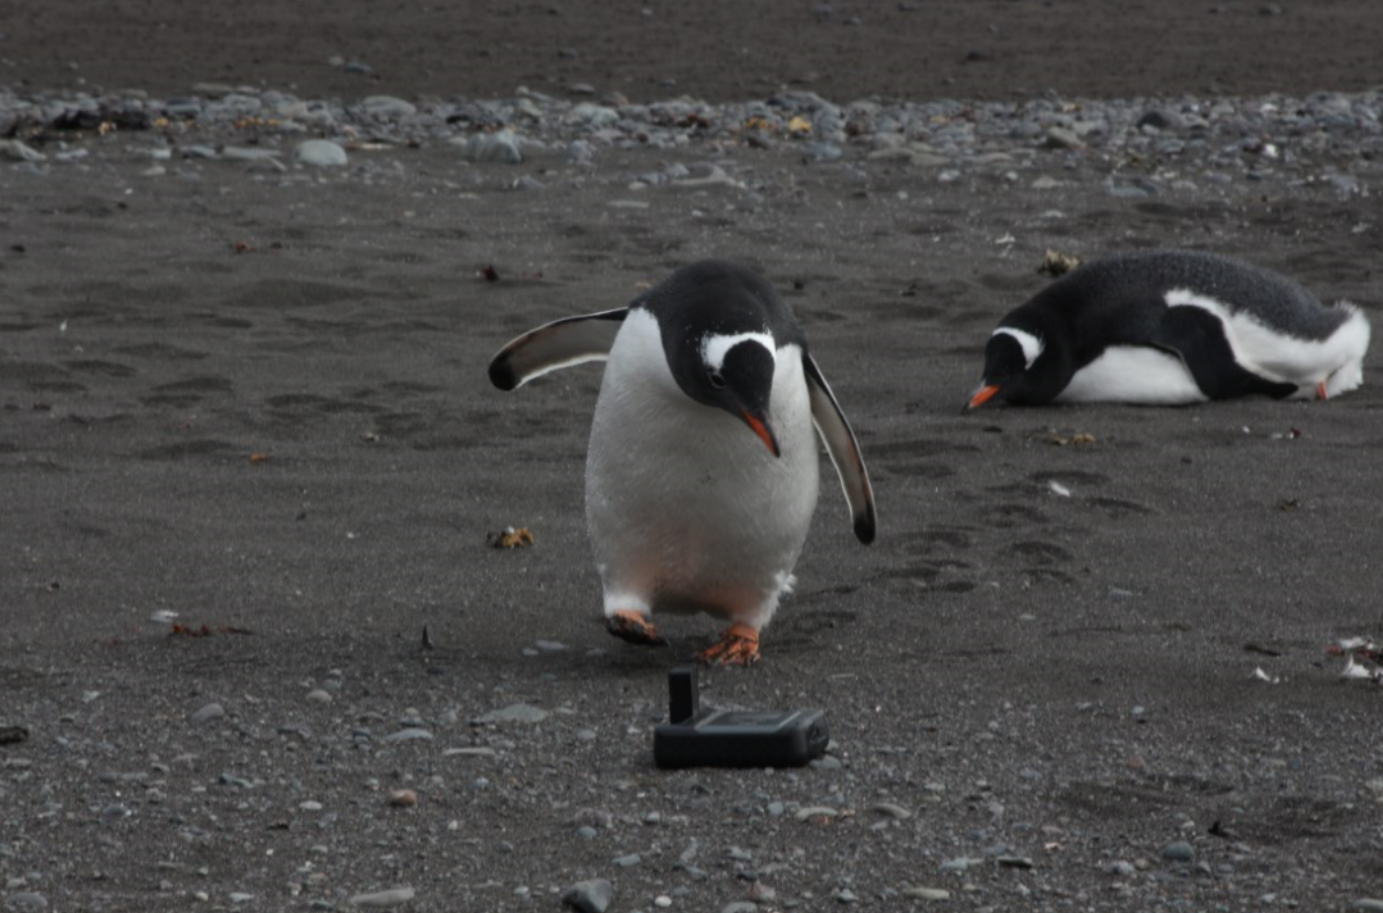 Iridium GO! with a Penguin in Antarctica